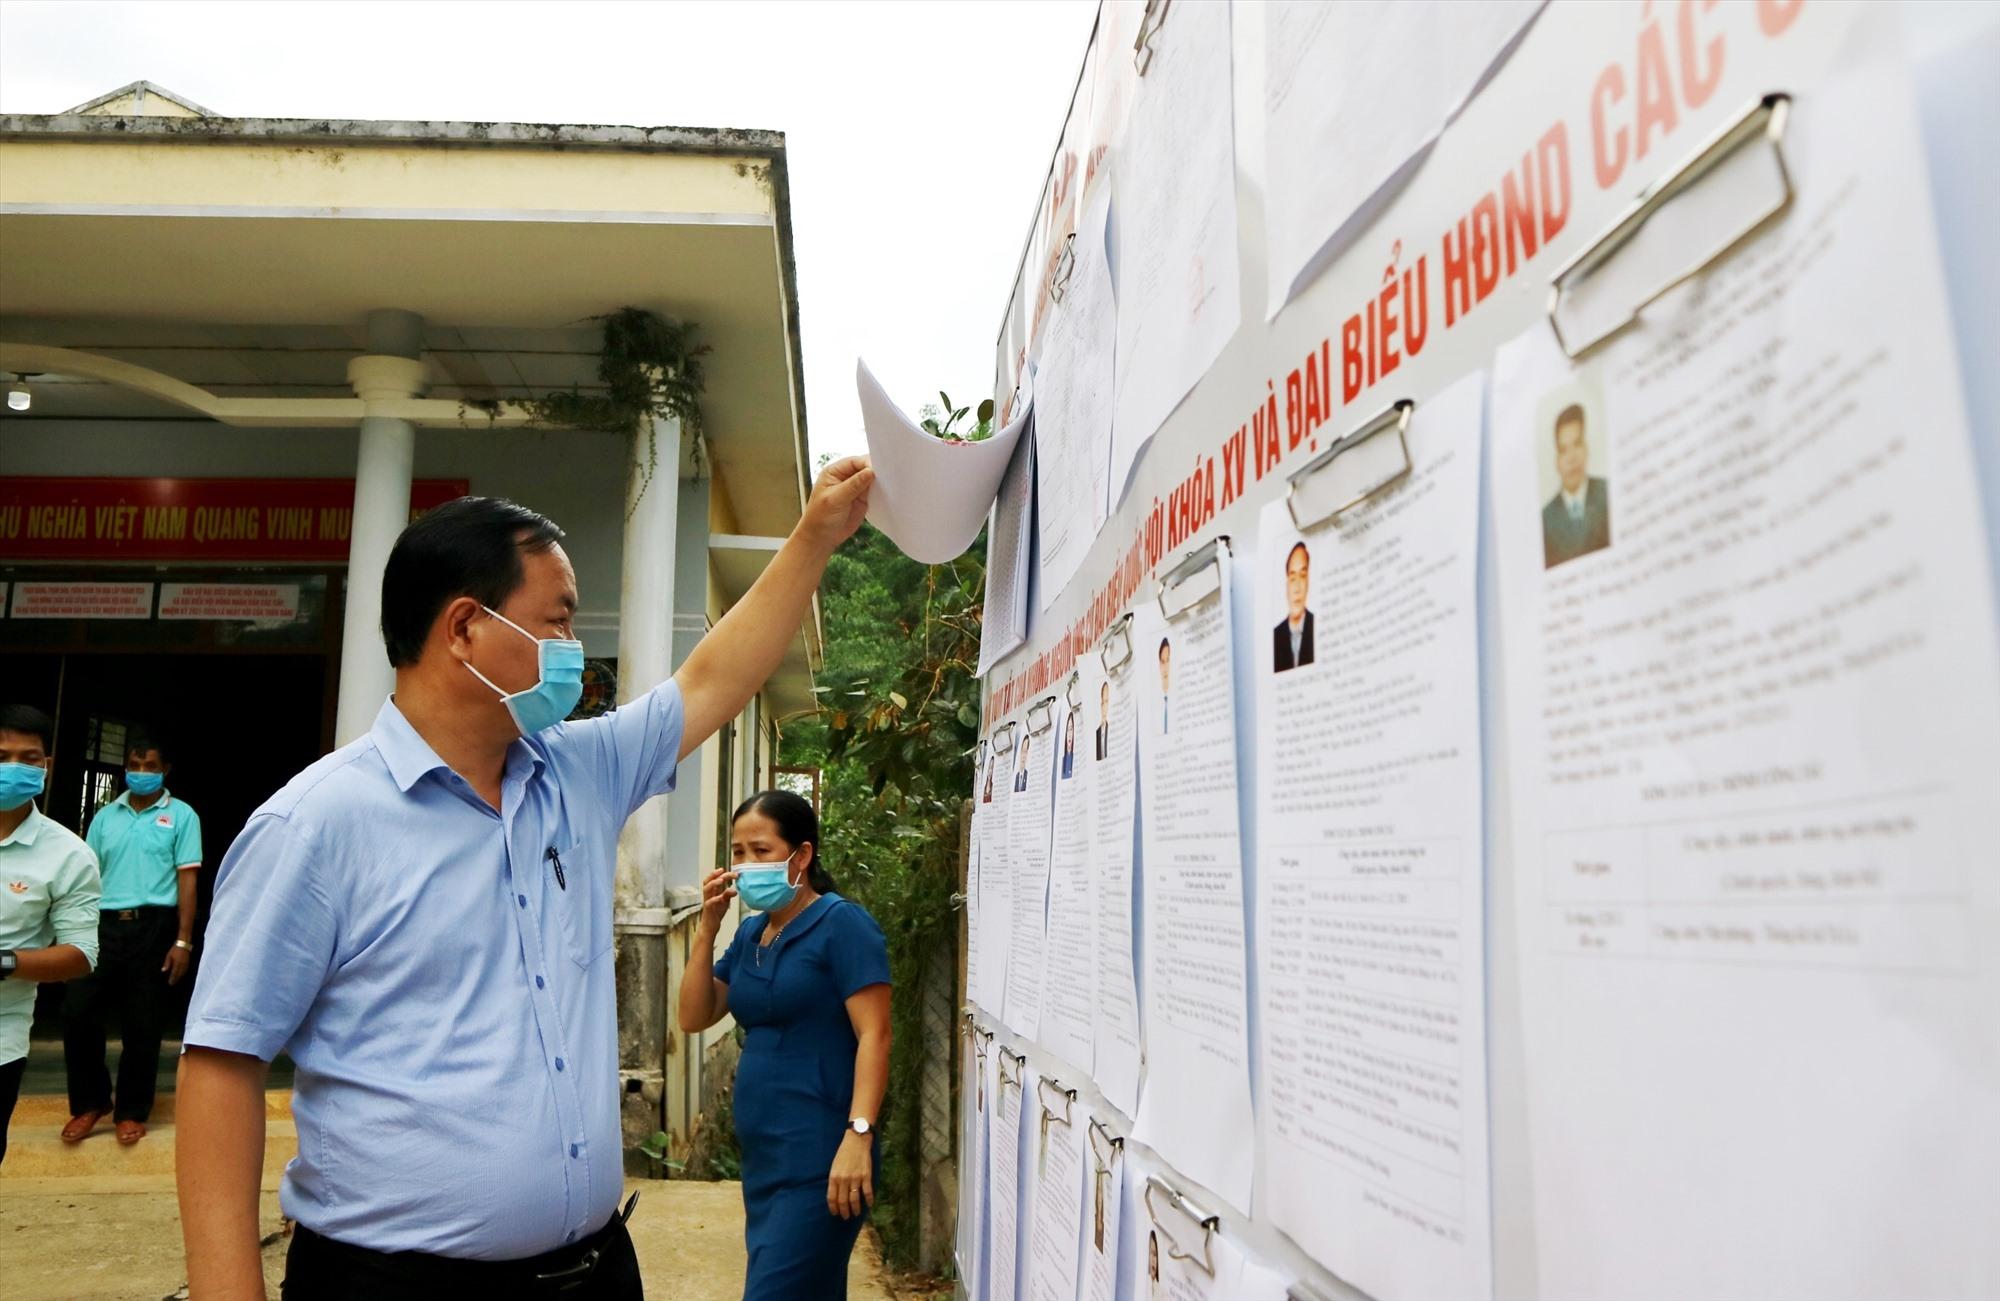 Đồng chí Nguyễn Hồng Quang kiểm tra danh sách cử tri, danh sách người ứng cử được niêm yết tại một đơn vị bầu cử huyện Đông Giang. Ảnh: A.N